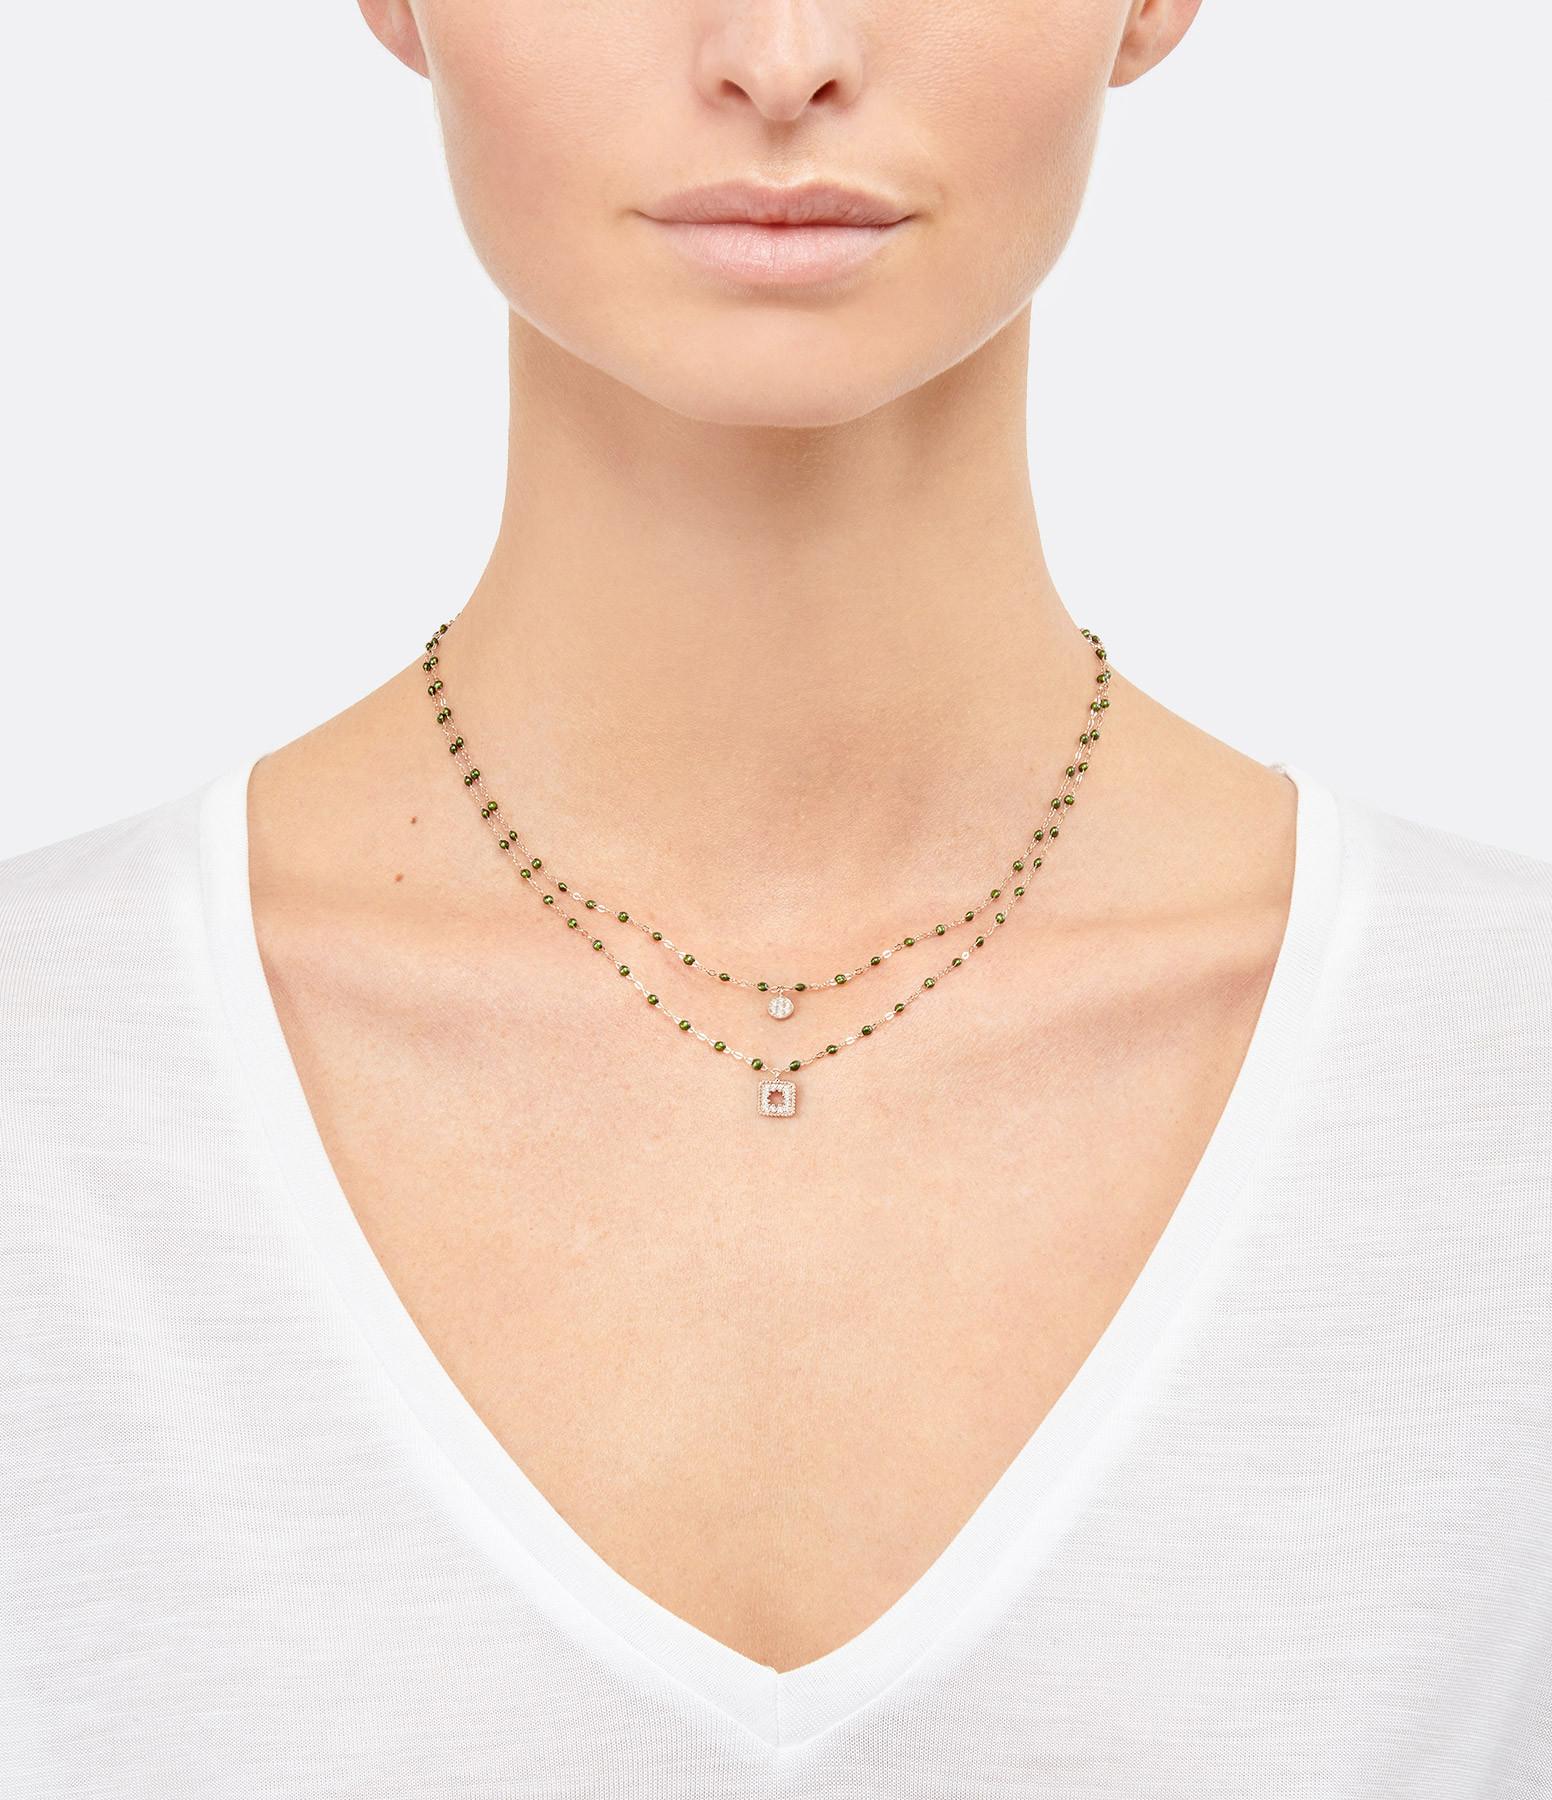 GIGI CLOZEAU - Collier Puce Perles Résine Or Diamants